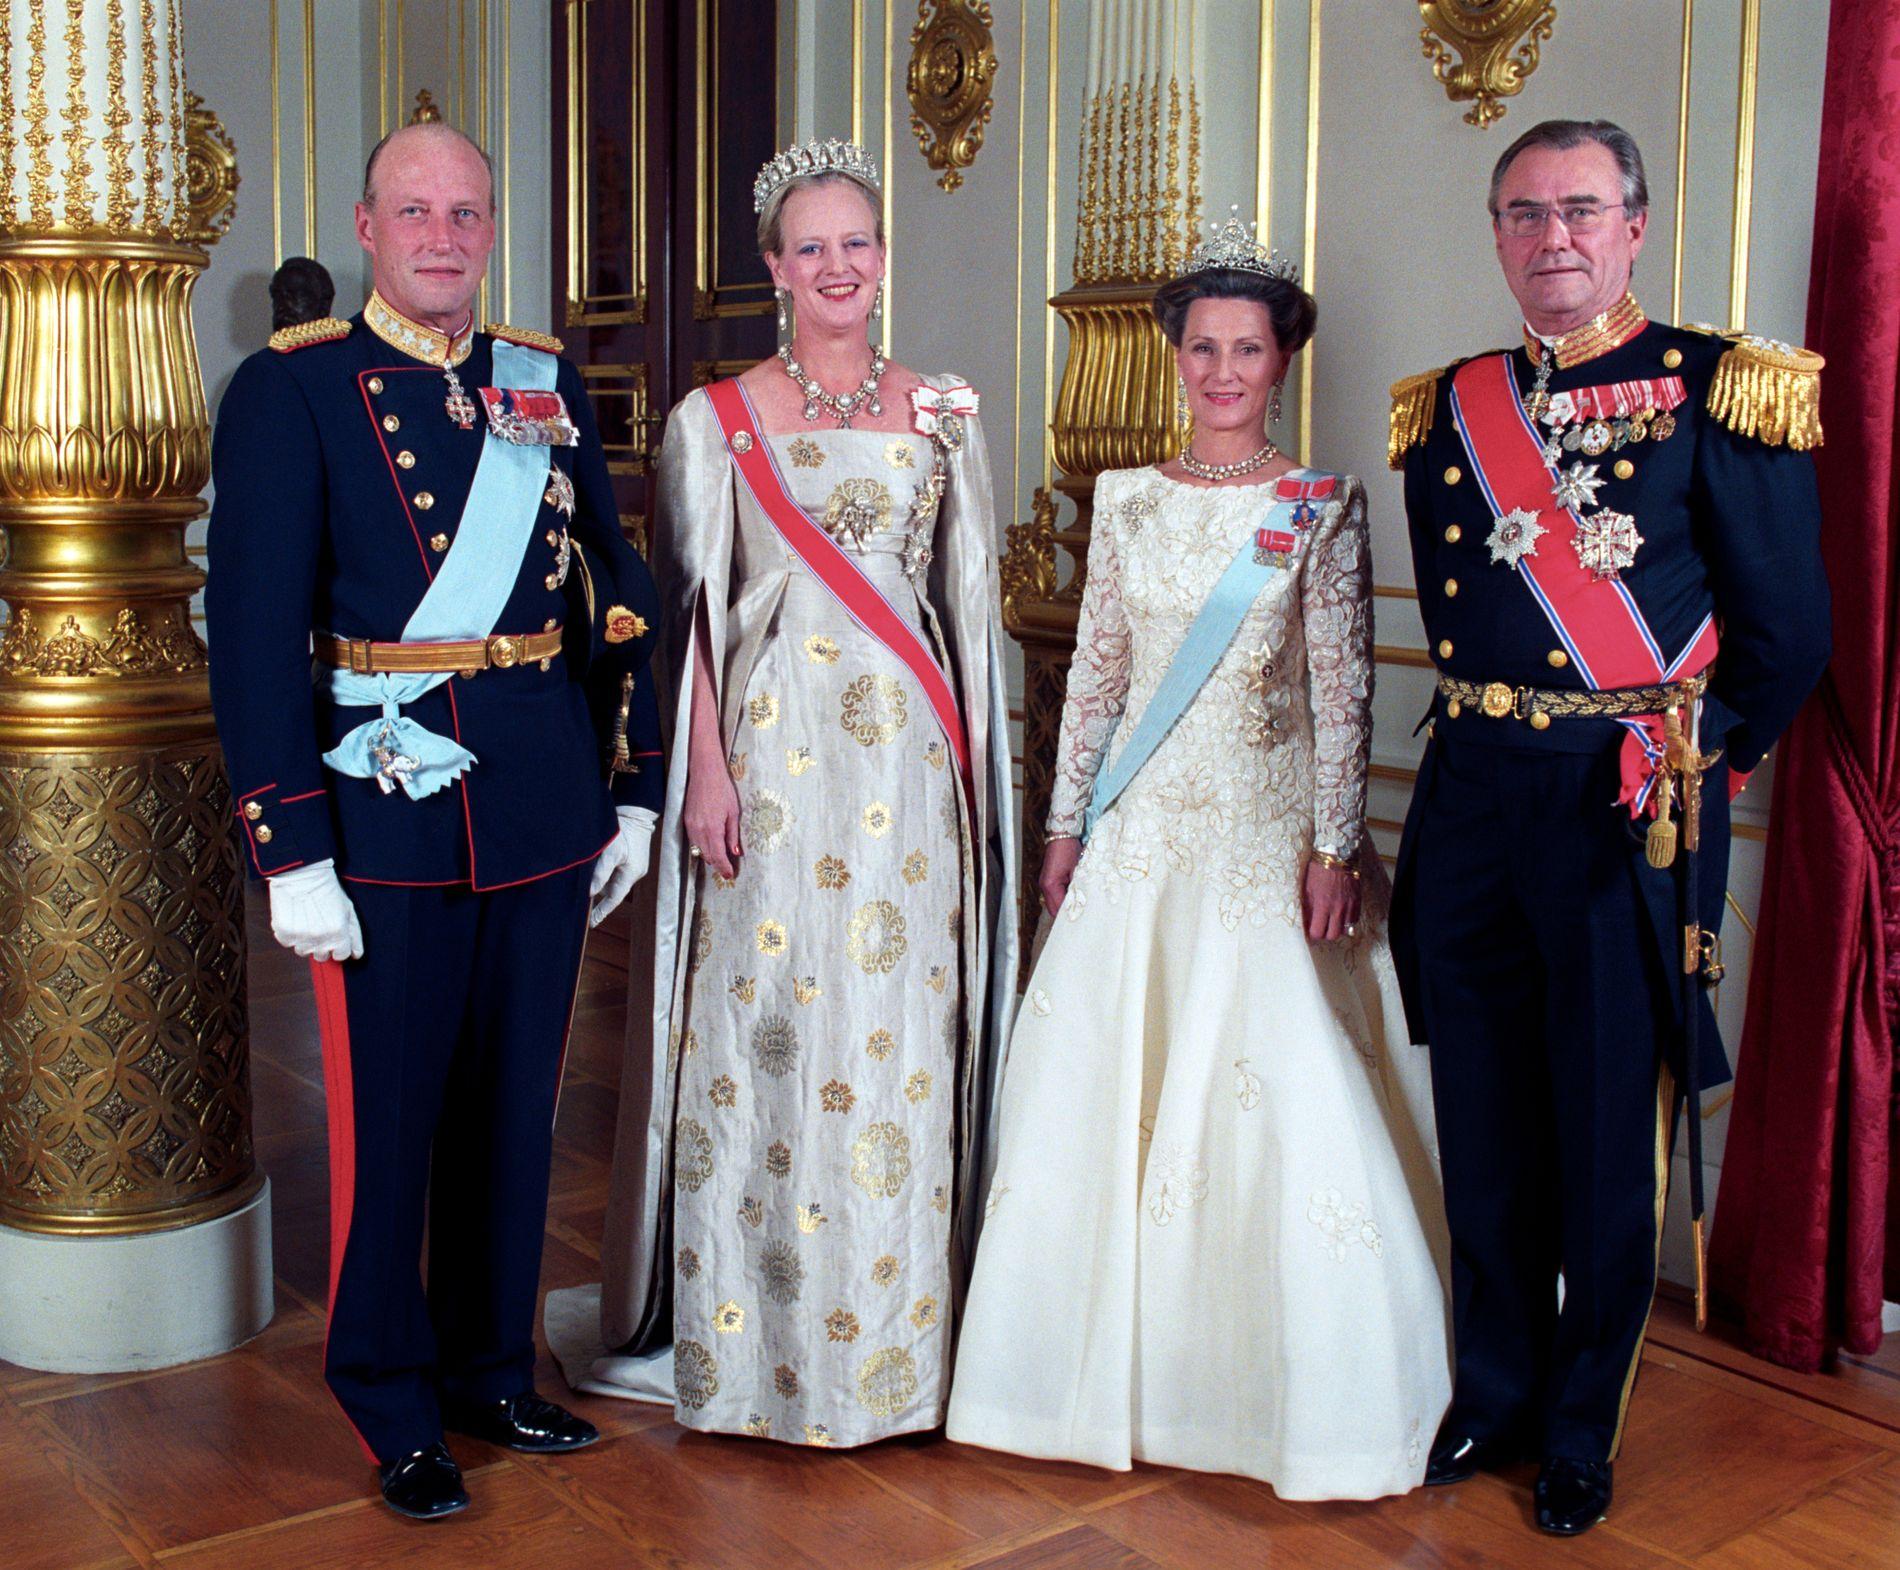 SØRGER: Den norske kongefamilien er i dyp sorg etter at de mottok budskapet om at prins Henrik av Danmark er død.